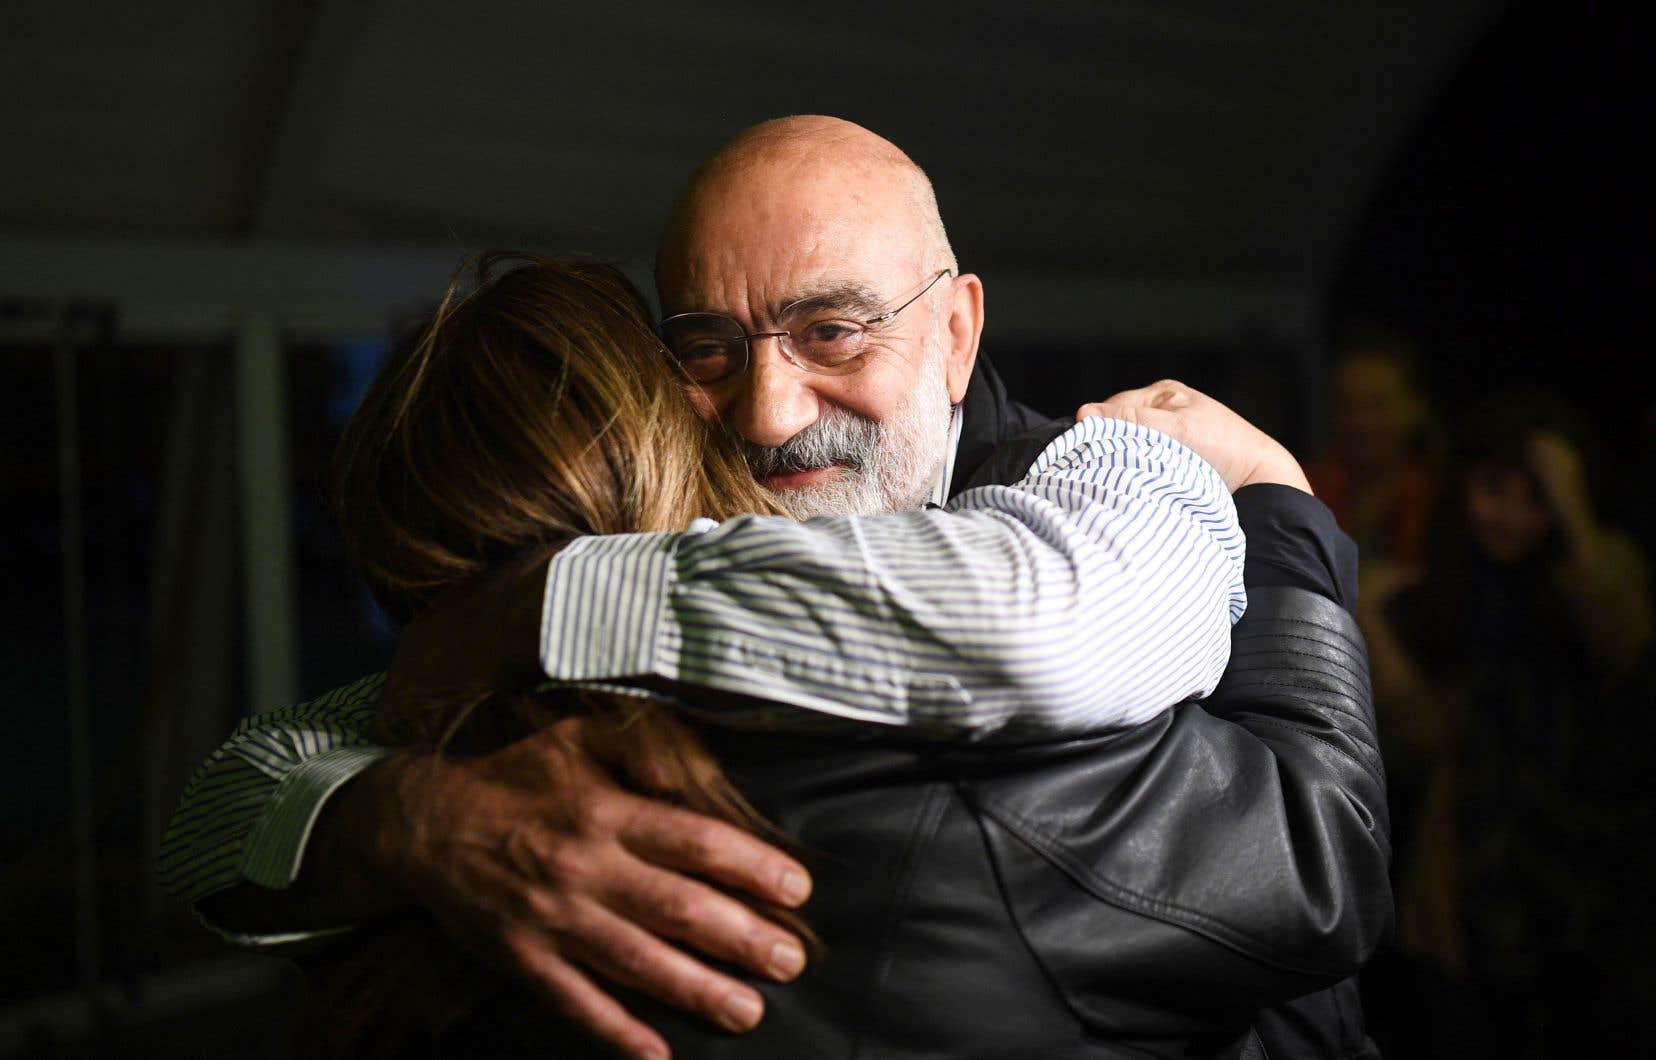 Le journaliste et écrivain turc Ahmet Altan en compagnie d'une amie lors d'une brève semaine de libération au début du mois.